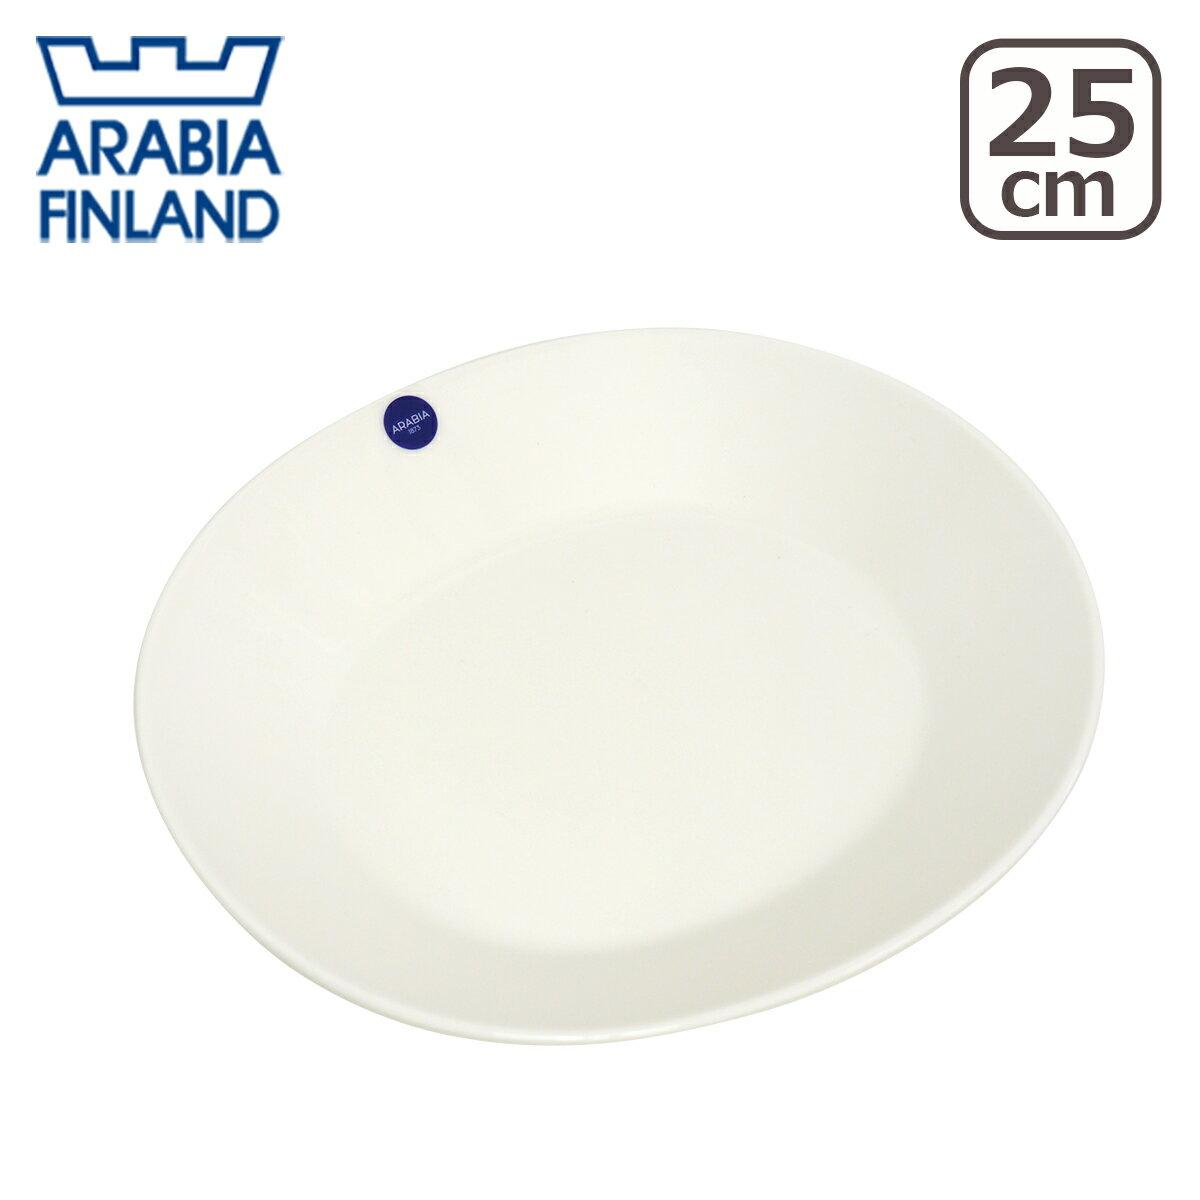 アラビア(Arabia) カラーズ(Colors) ホワイト オーバルプレート 25cm 北欧 フィンランド 食器 (white)